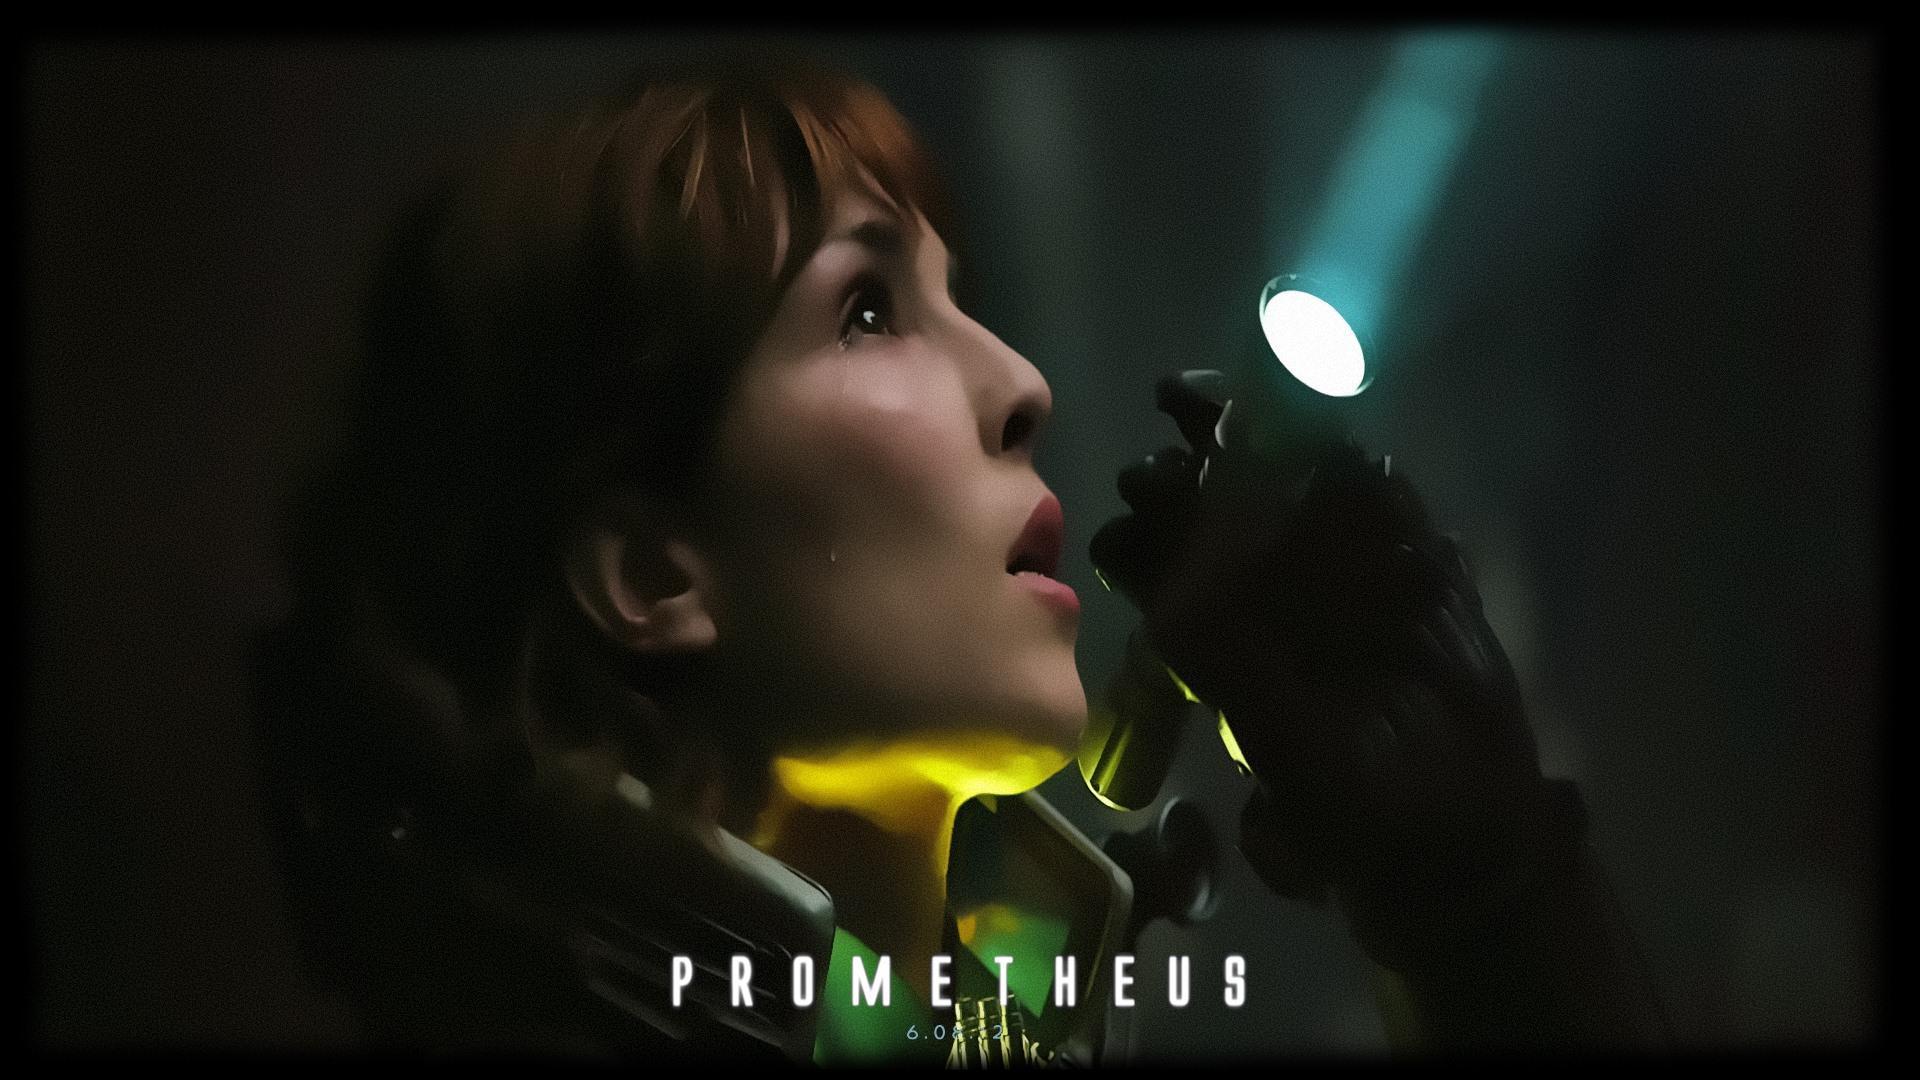 プロメテウス (映画)の画像 p1_30